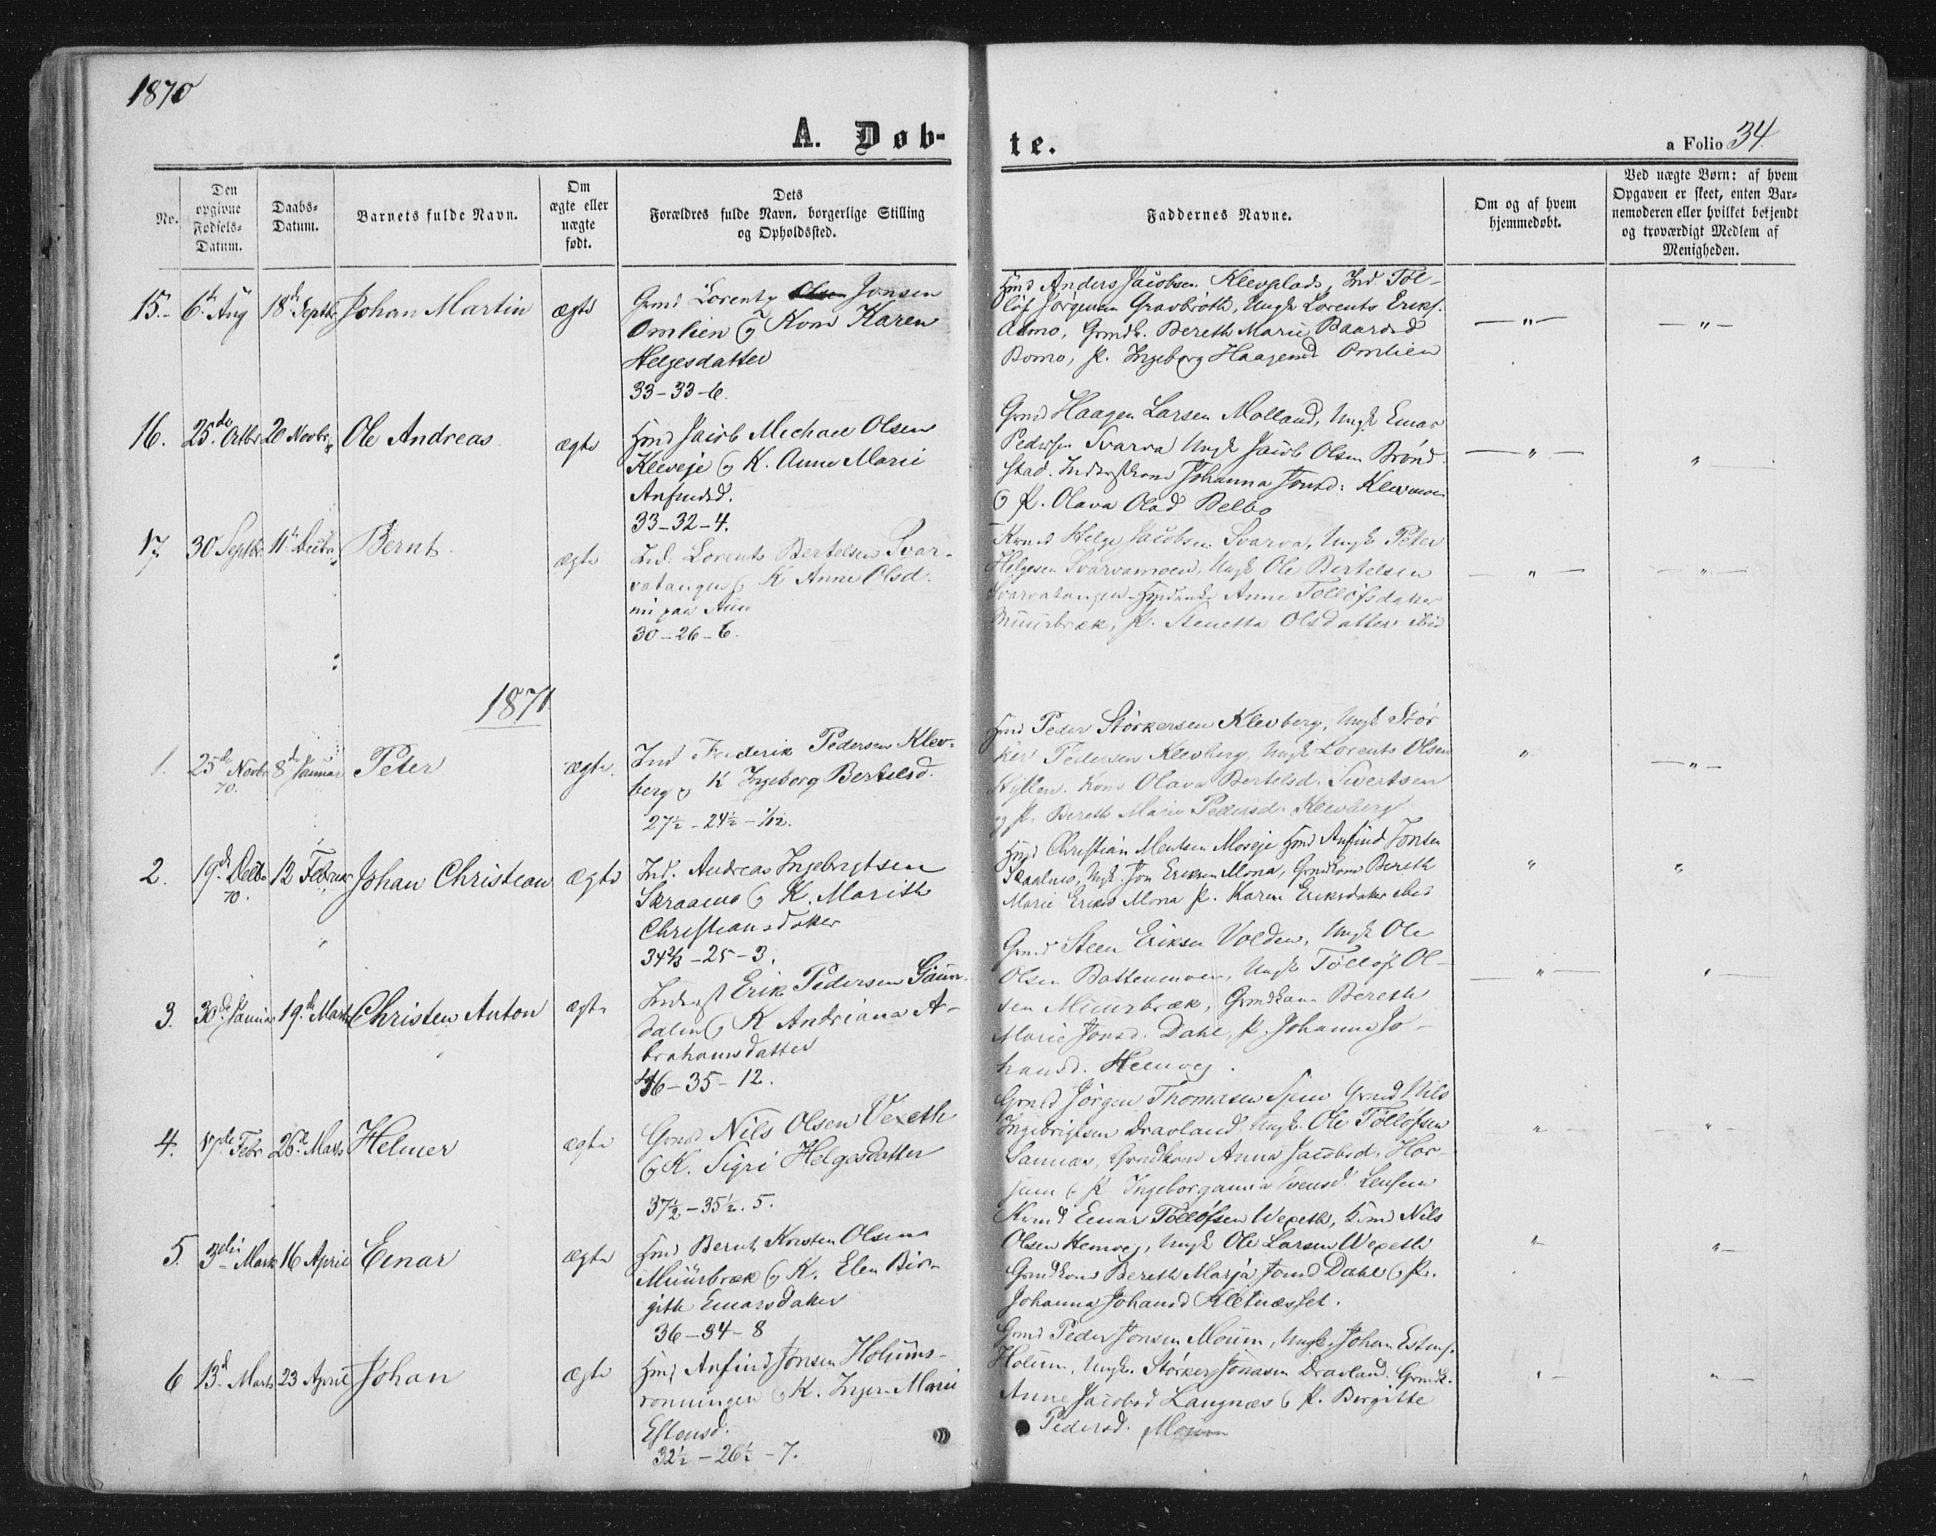 SAT, Ministerialprotokoller, klokkerbøker og fødselsregistre - Nord-Trøndelag, 749/L0472: Ministerialbok nr. 749A06, 1857-1873, s. 34